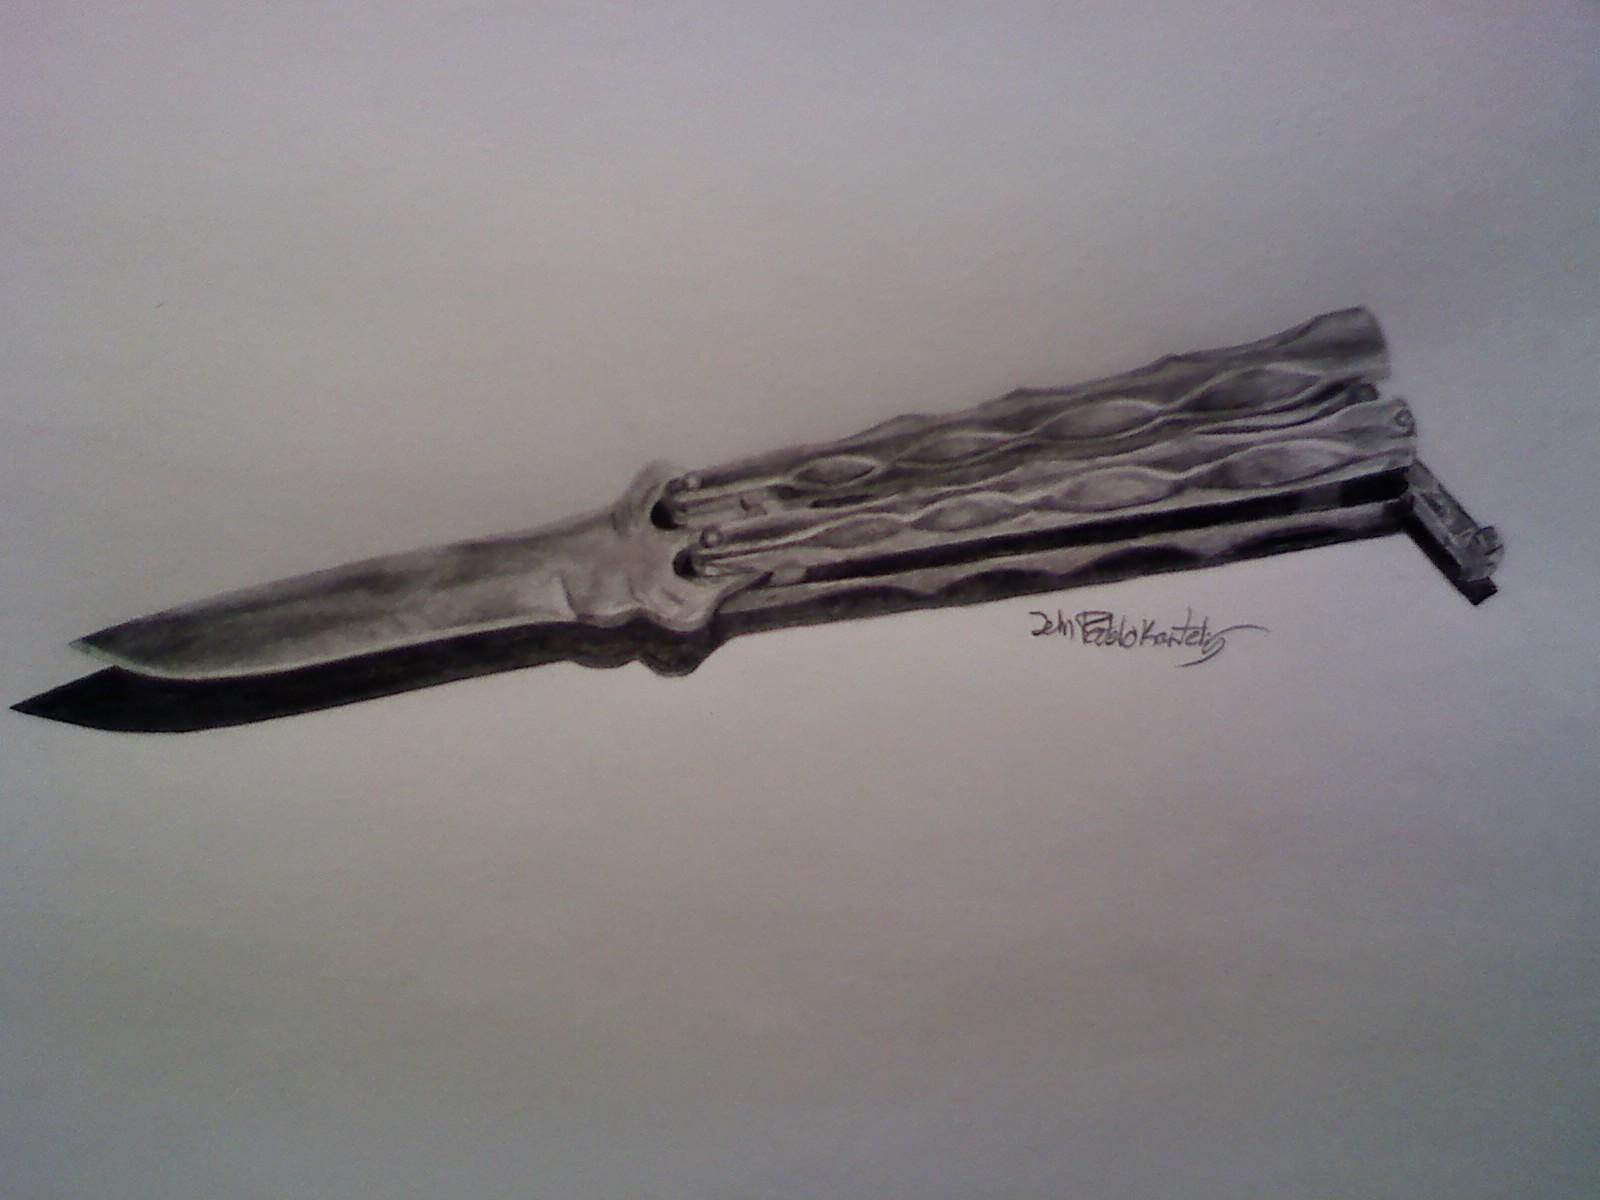 Butterfly knife in B&W